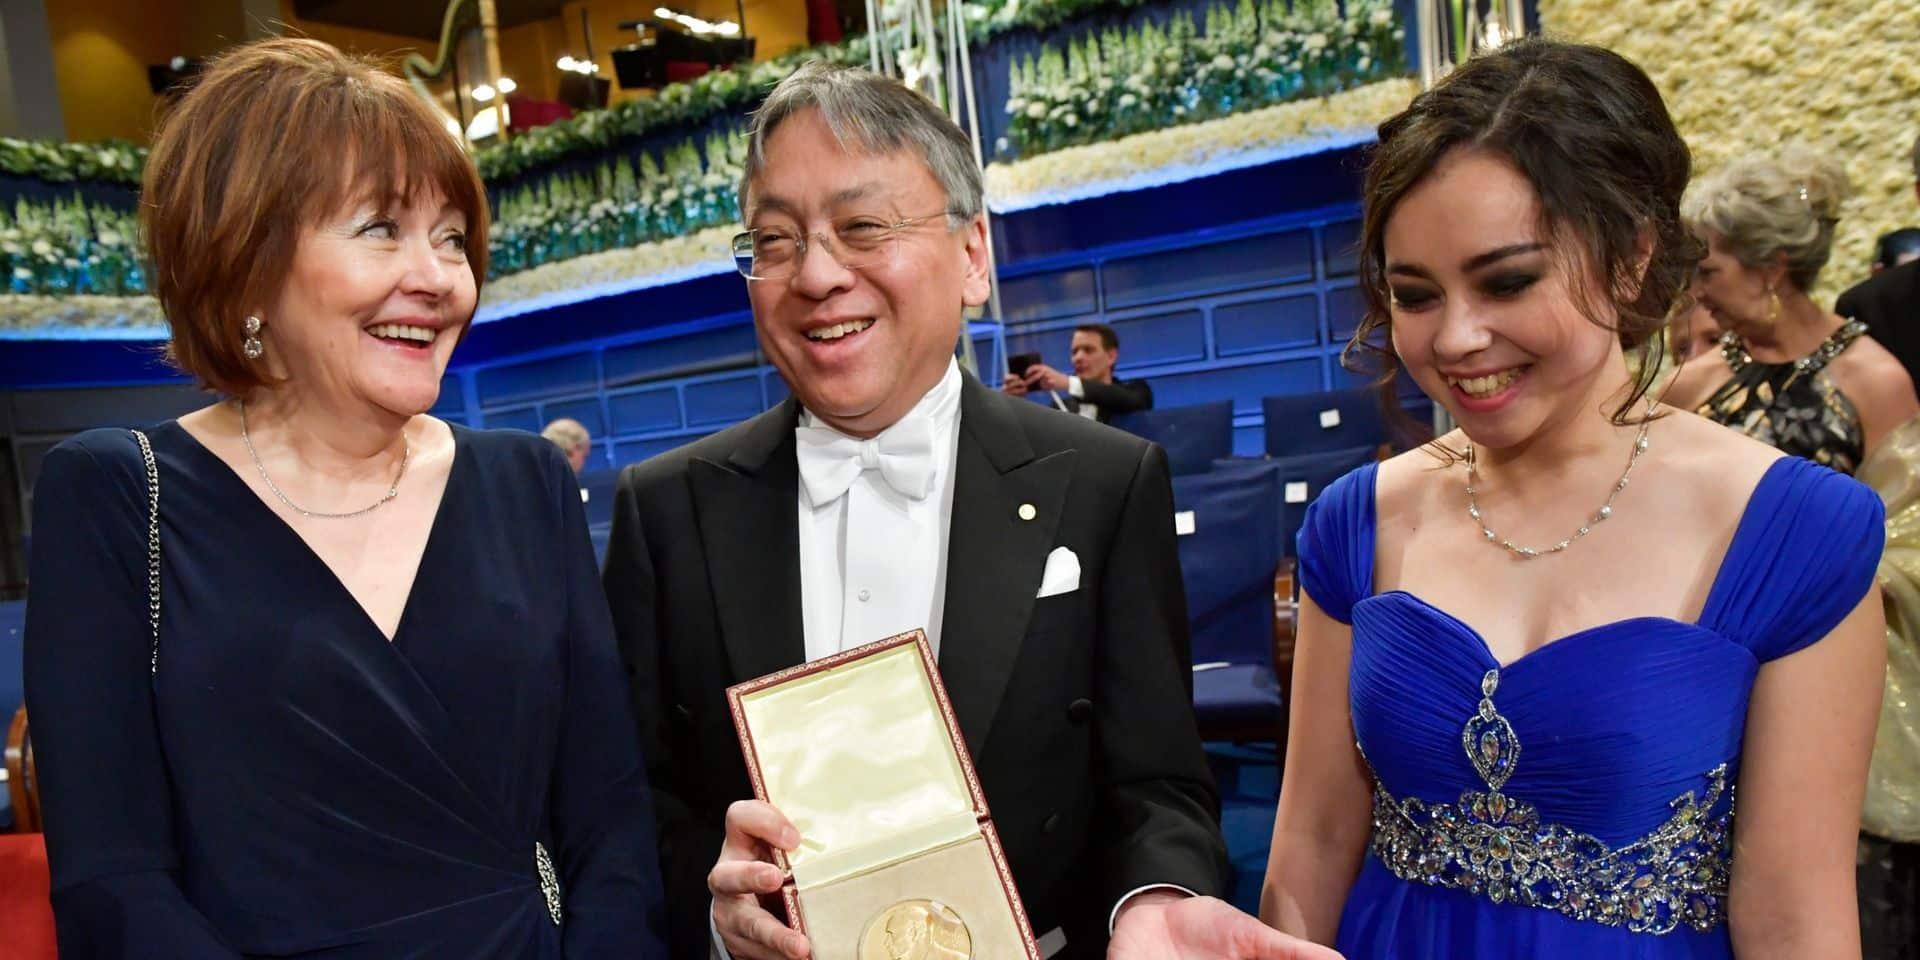 Deux Prix Nobel de littérature seront remis cette année: retour sur l'énorme scandale qui a failli tuer le prix le plus prestigieux du monde